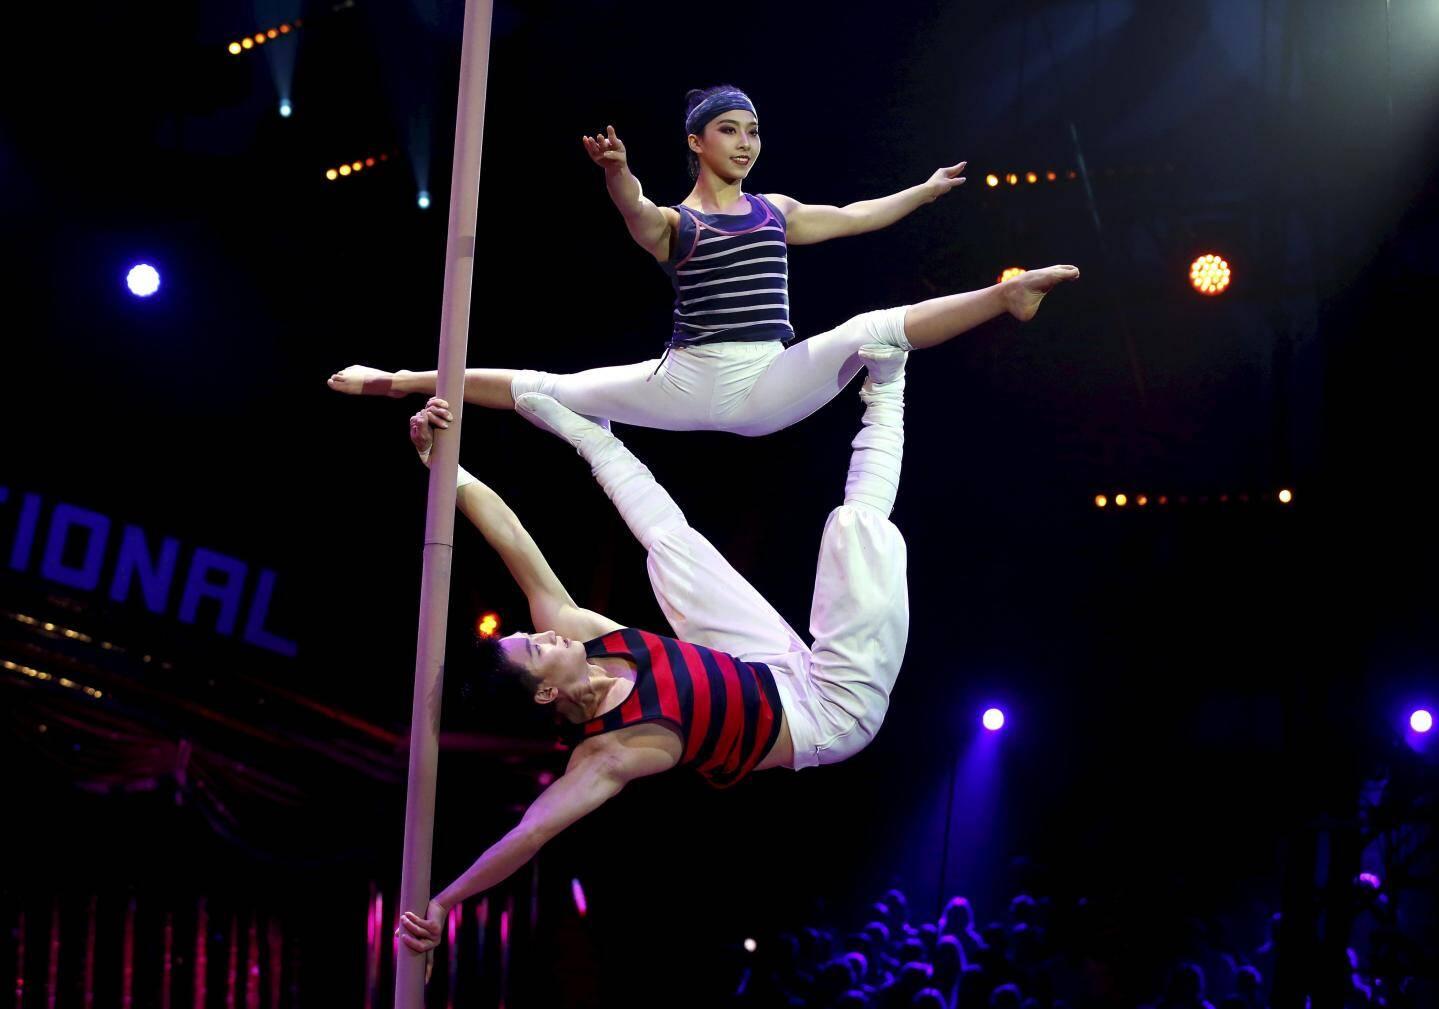 La troupe acrobatique de Chine, clown d'argent.